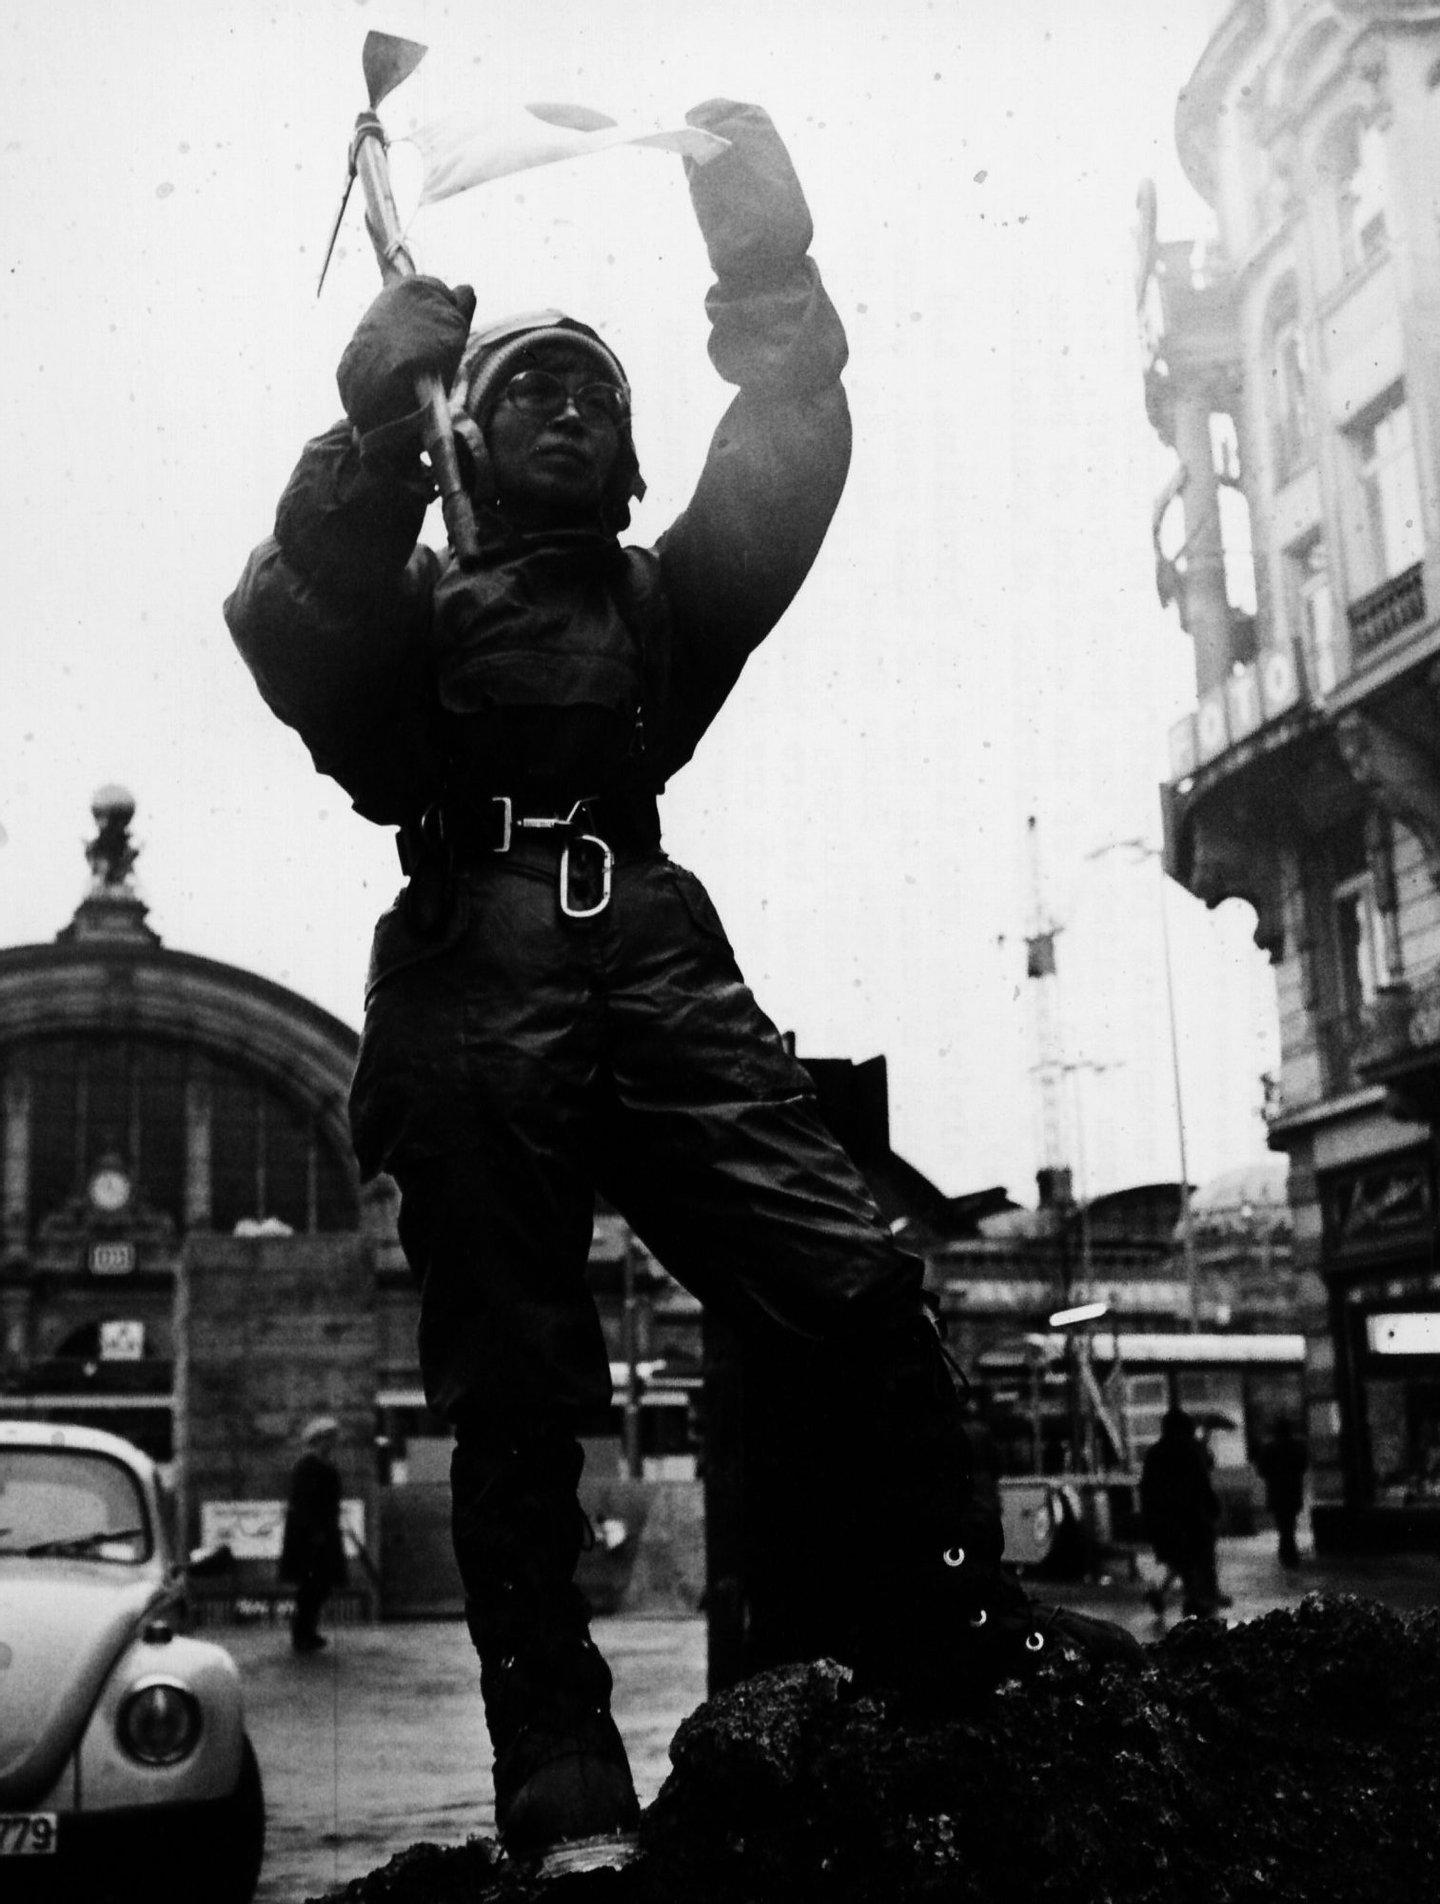 Junko Tabei em 1975, numa demonstração de montanhismo em Frankfurt (Photo by Keystone/Hulton Archive/Getty Images)